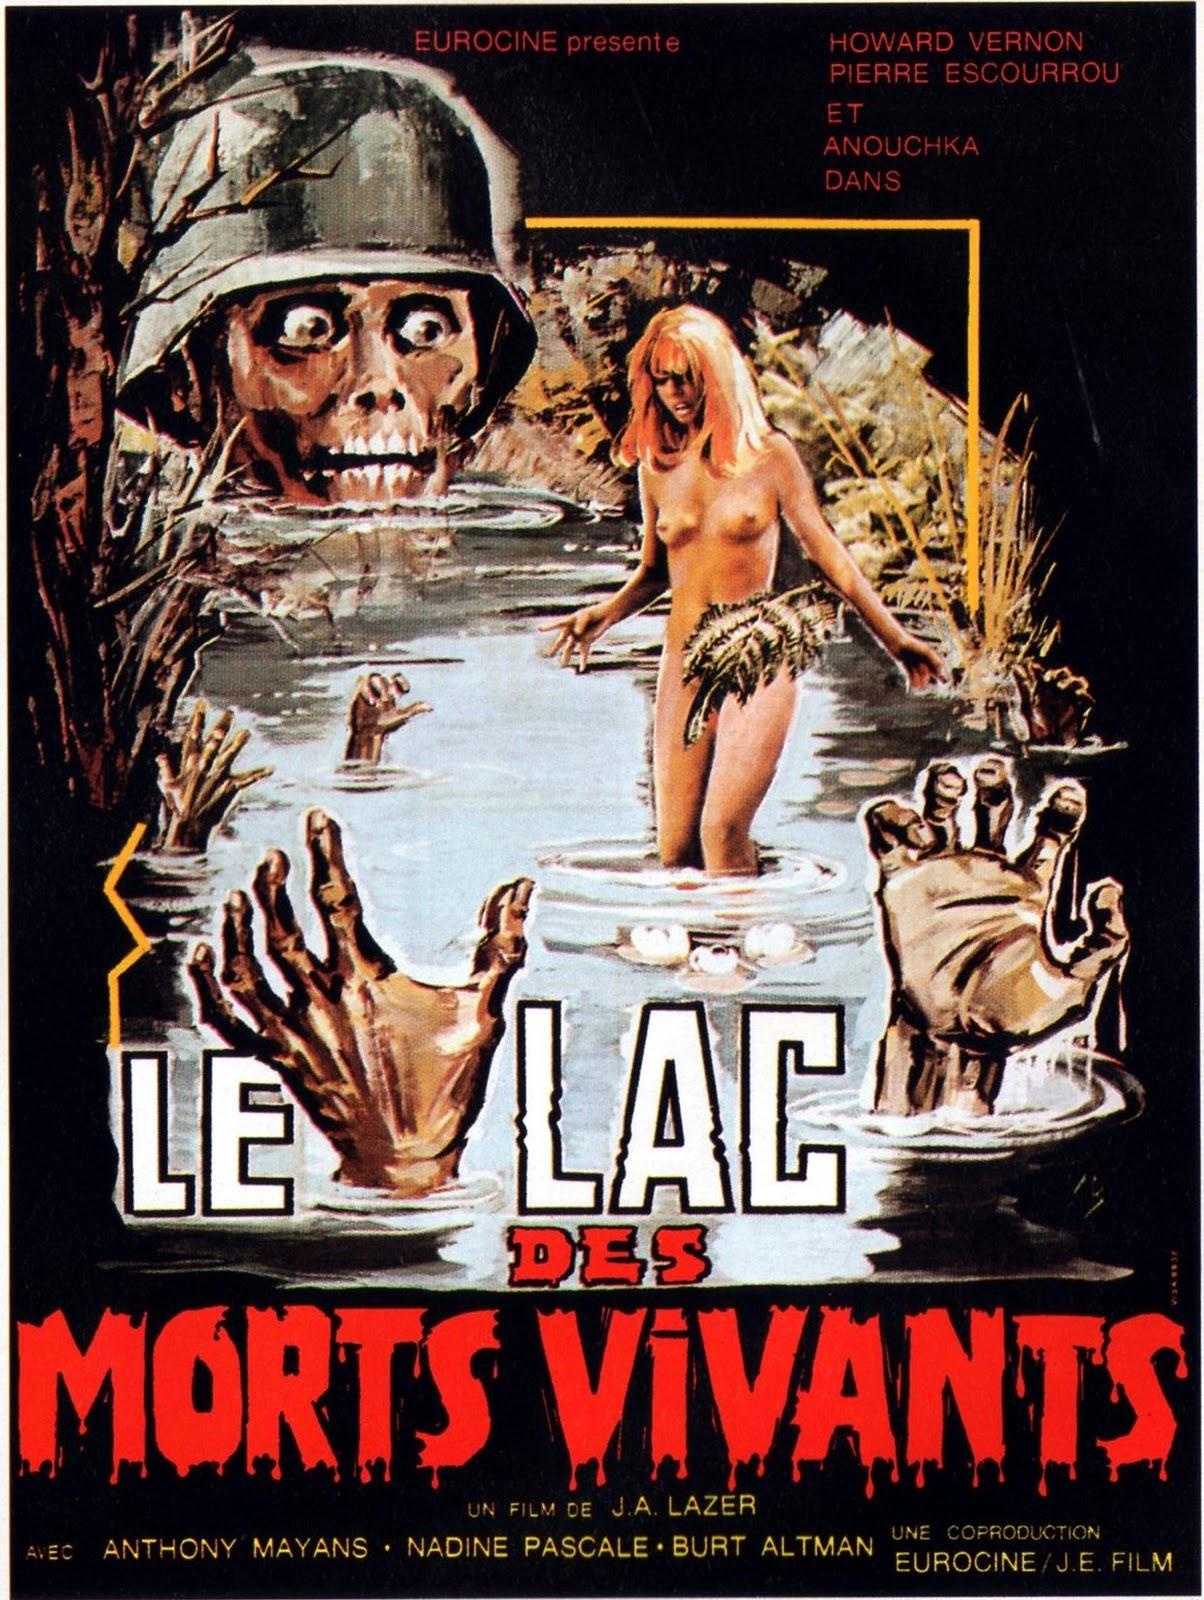 http://2.bp.blogspot.com/-pINZN22w-YA/Tu7KtXx27kI/AAAAAAAABQY/Hkfv5M-UGPU/s1600/zombie_lake_poster_01.jpg